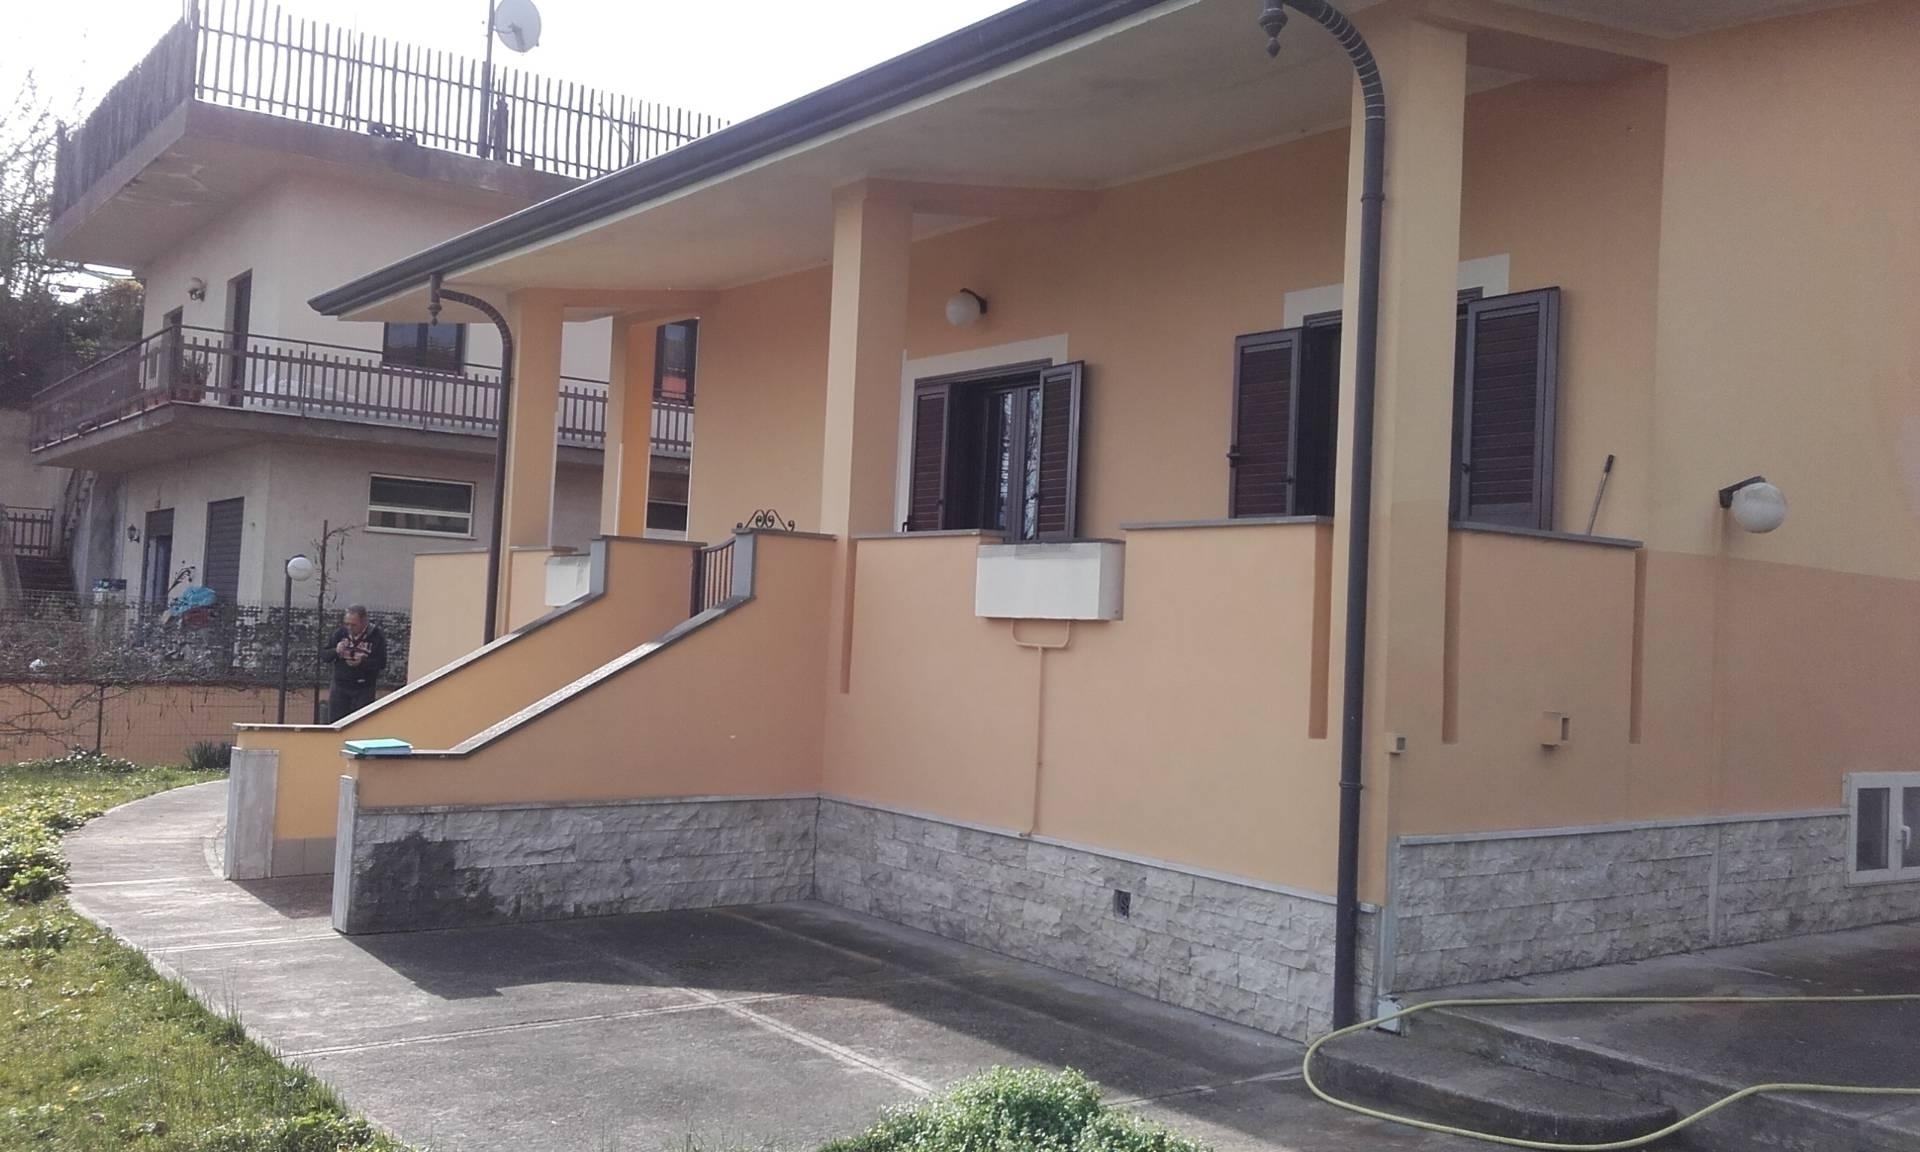 Villa in vendita a Sant'Apollinare, 5 locali, prezzo € 168.000 | CambioCasa.it